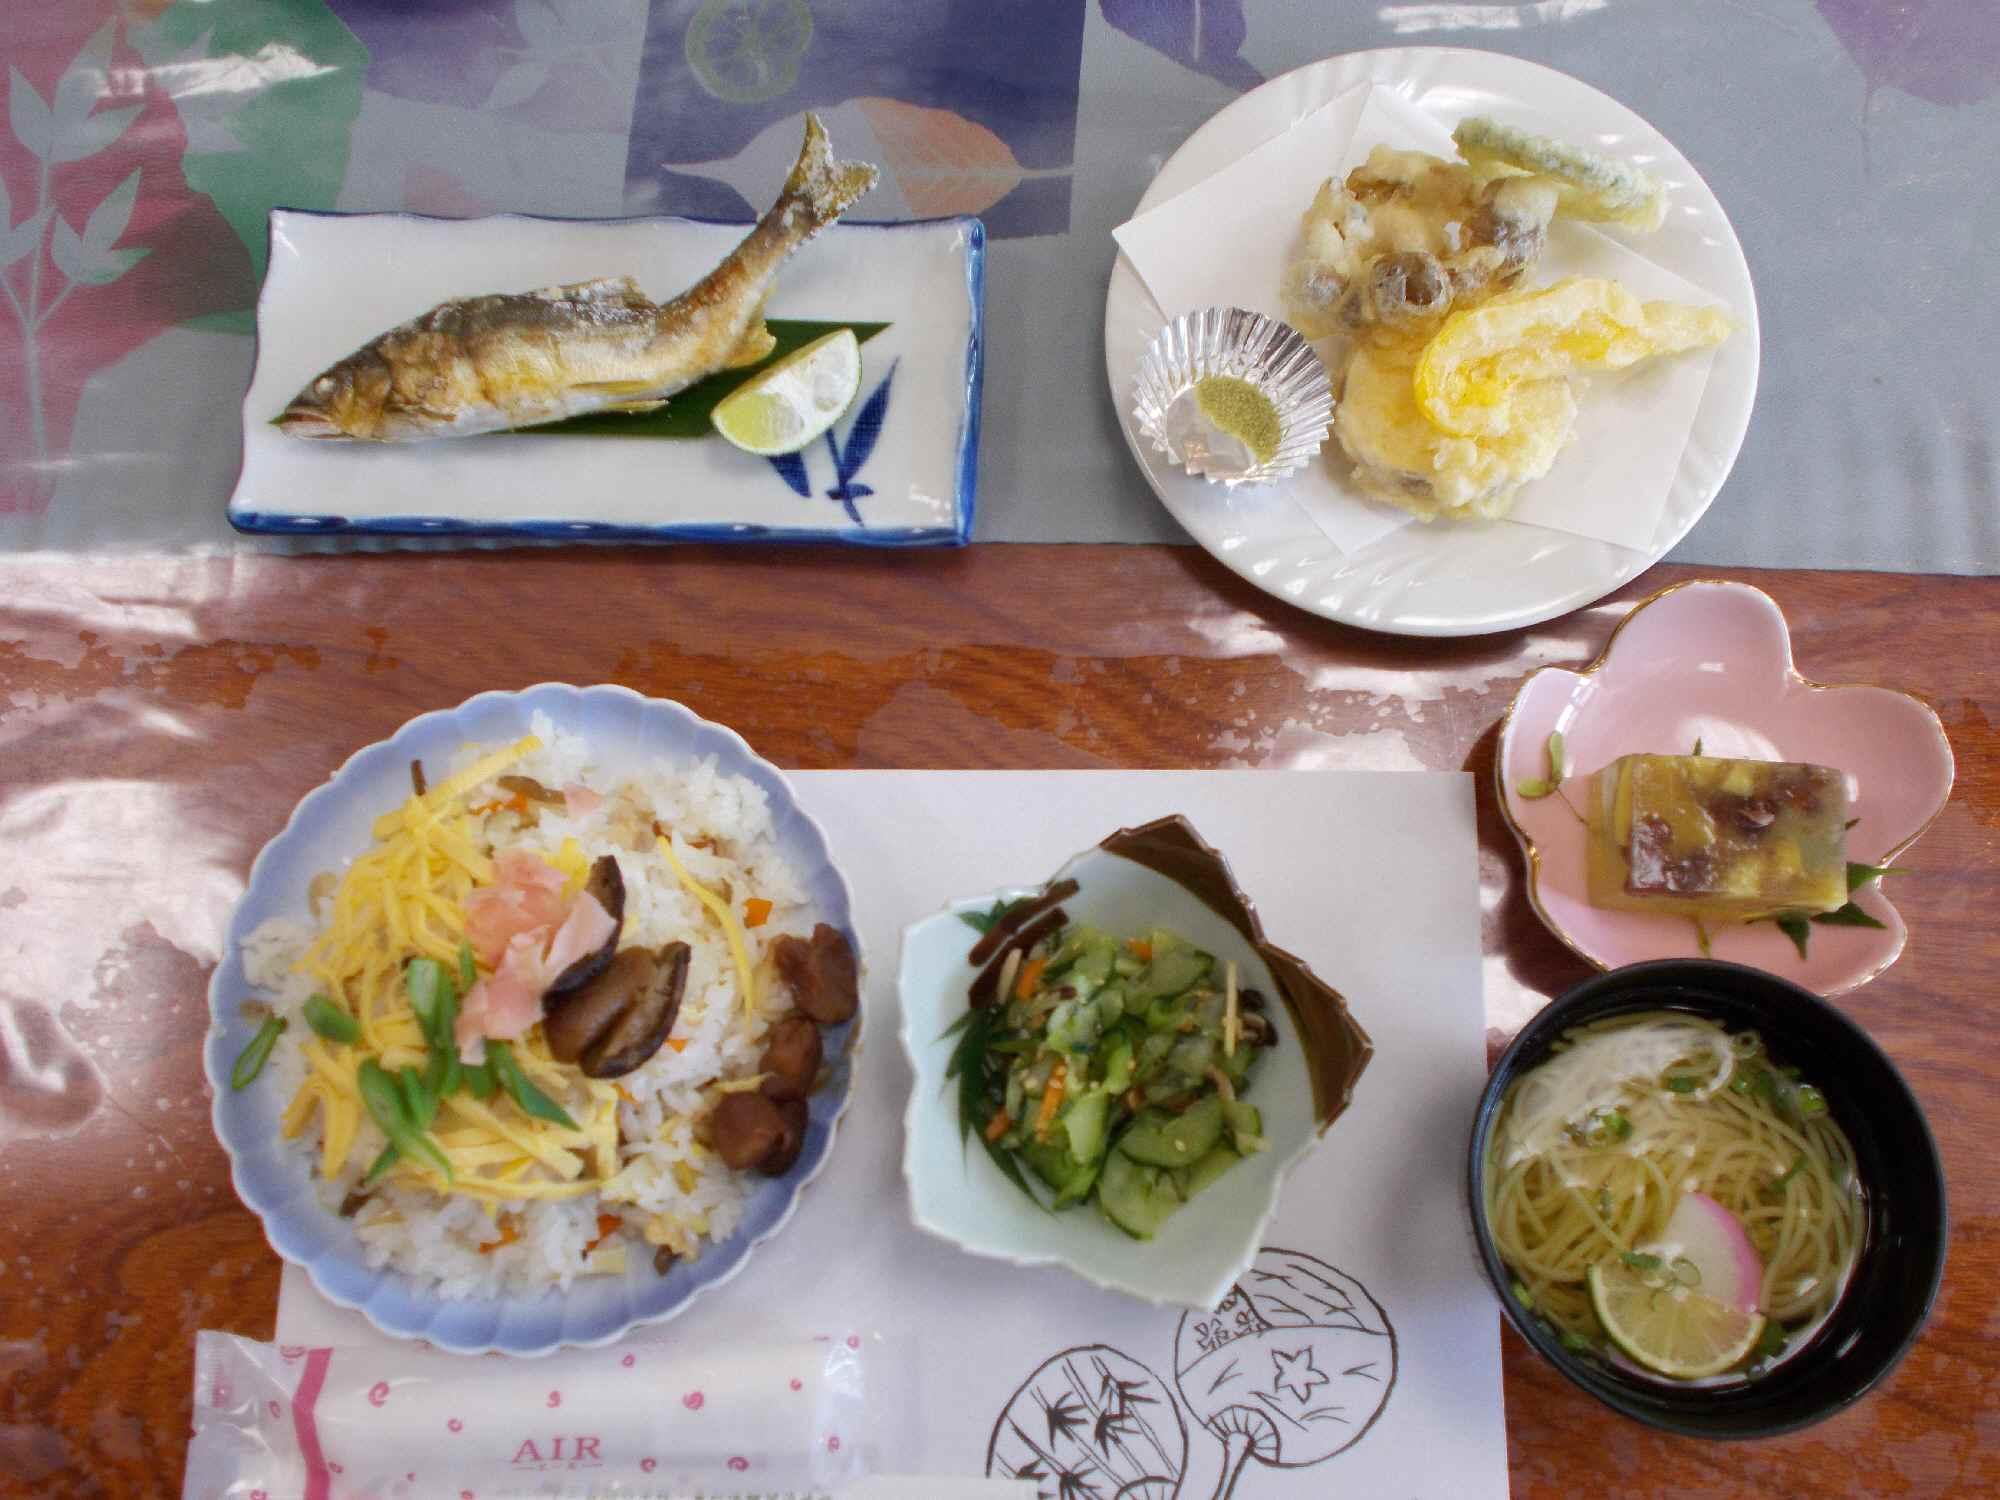 この日の昼食です。この地で採れたものを使った品々